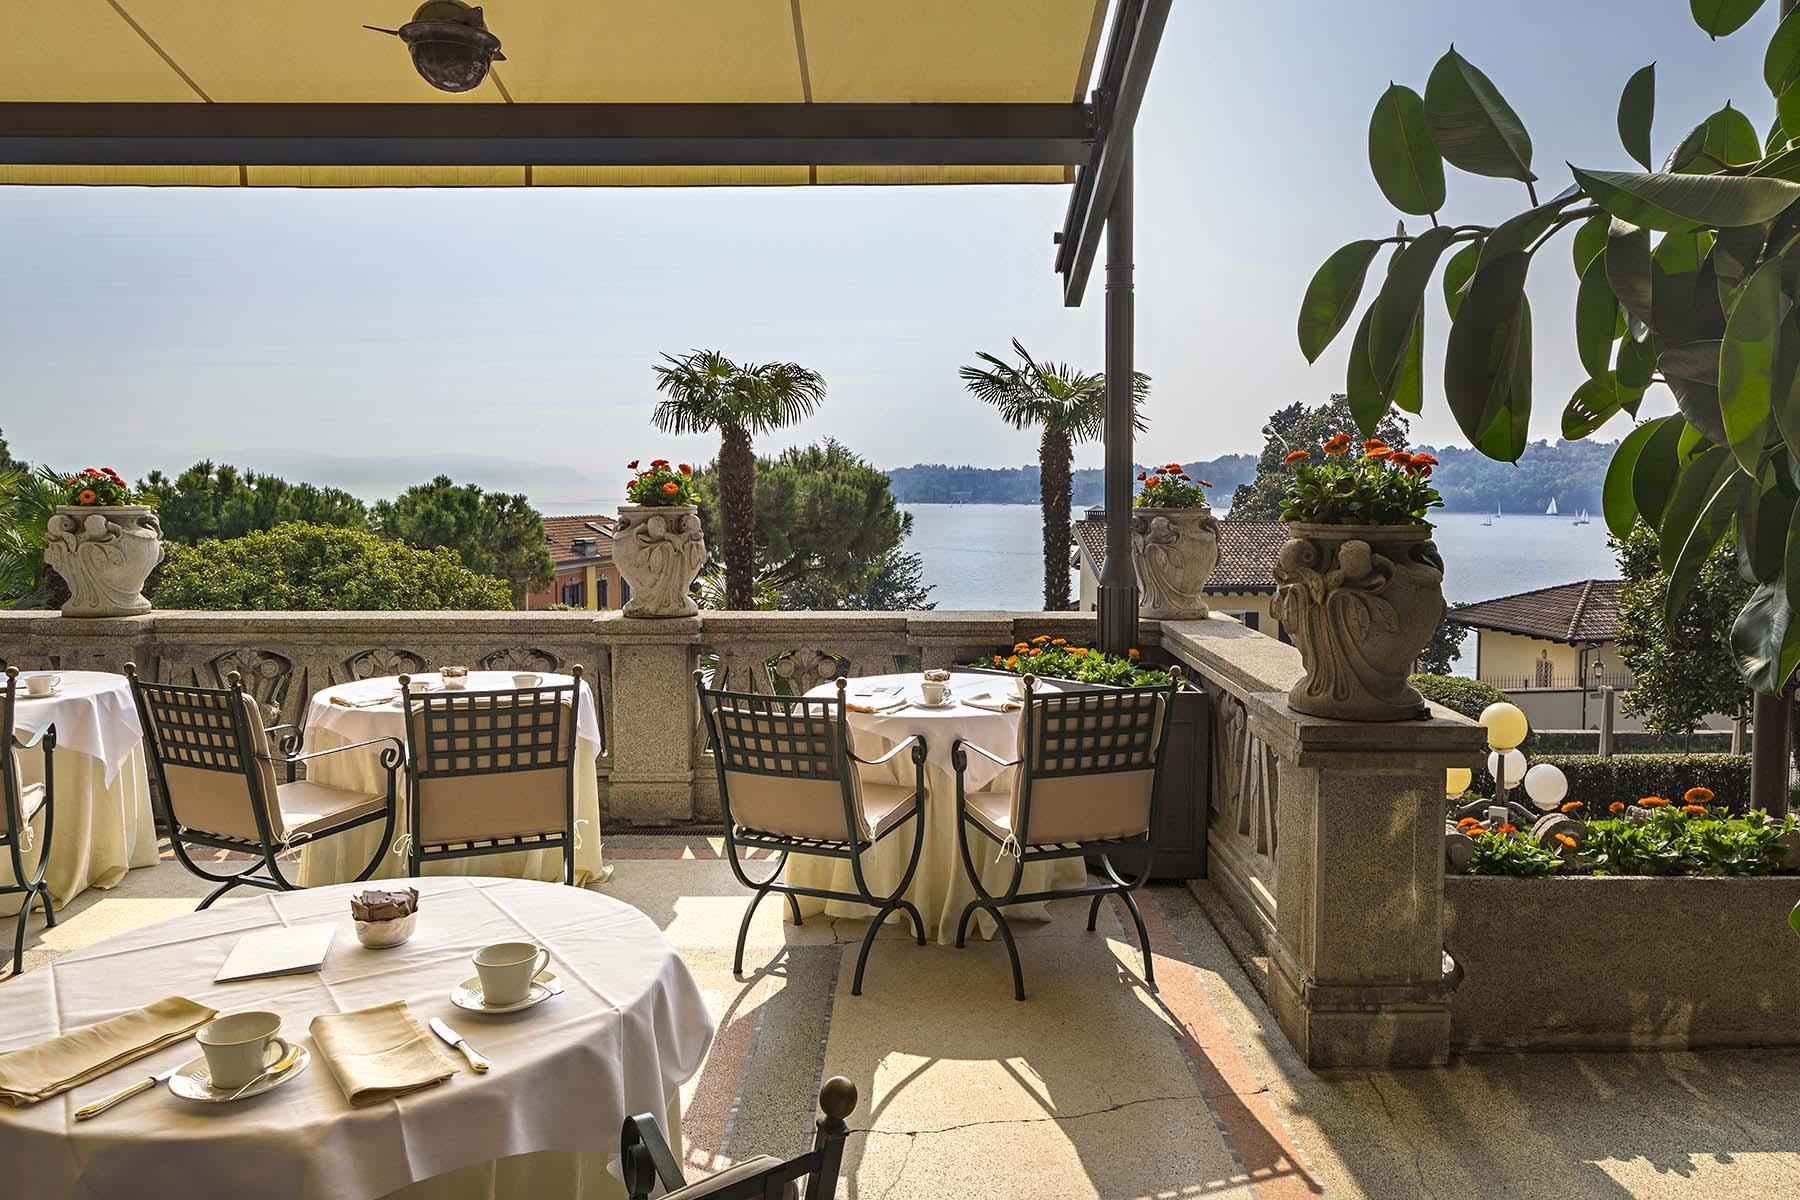 Hotell i Salo ved Gardasjøen